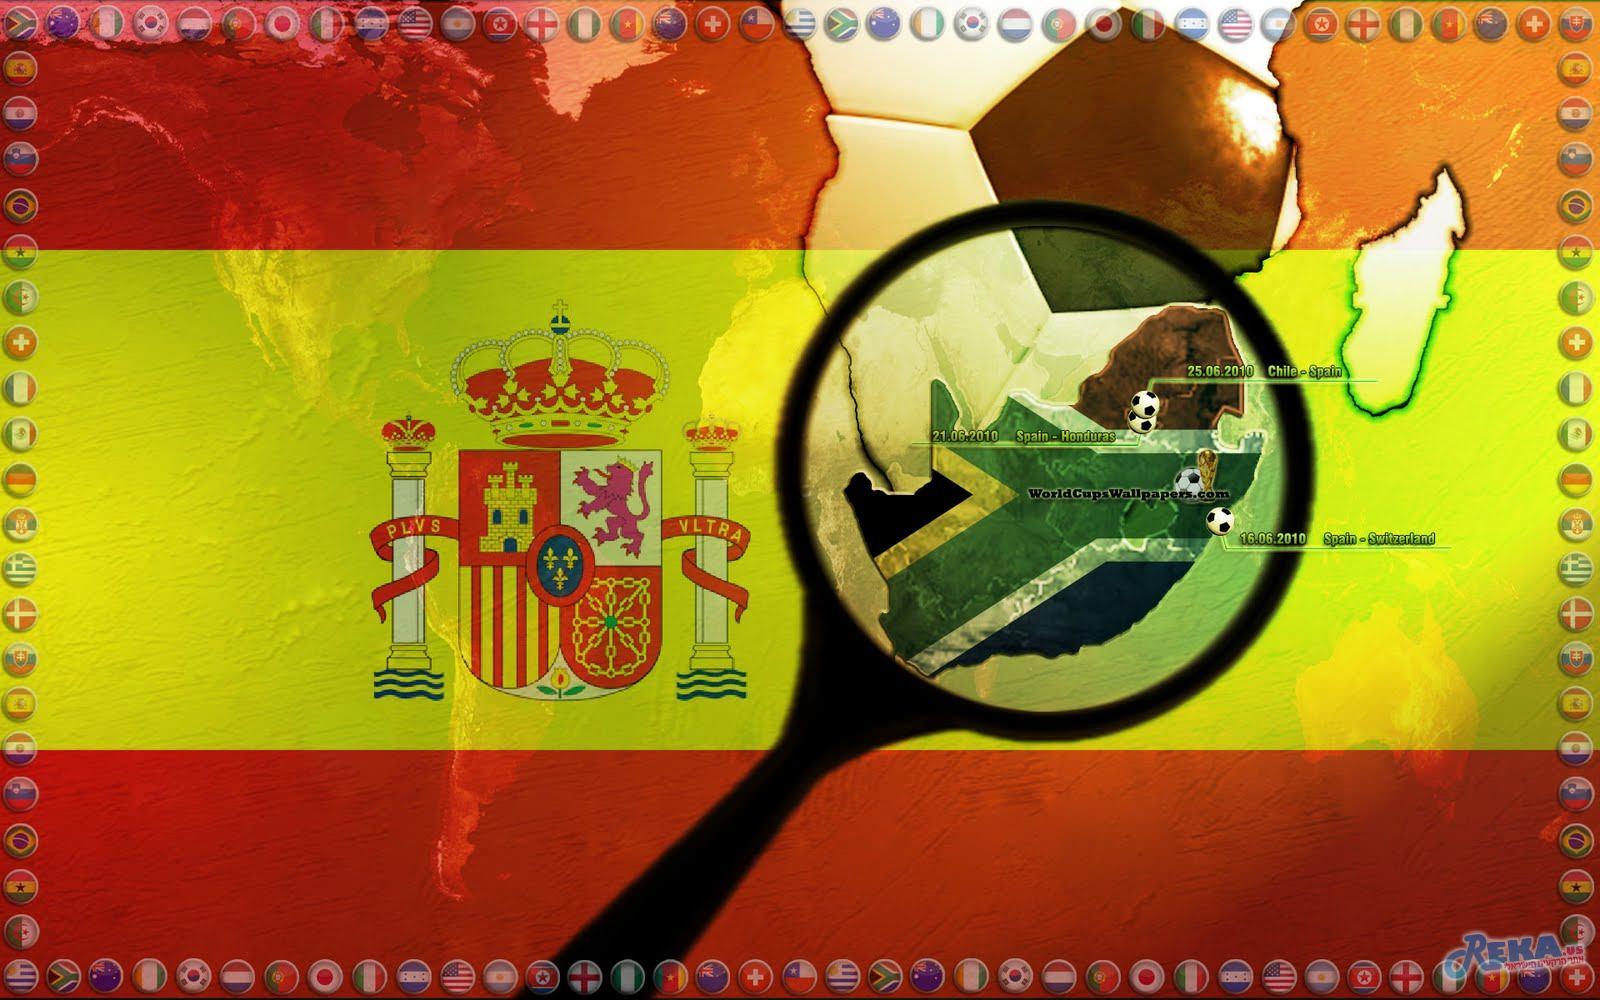 Spain-World-Cup-2010-Widescreen-Wallpaper